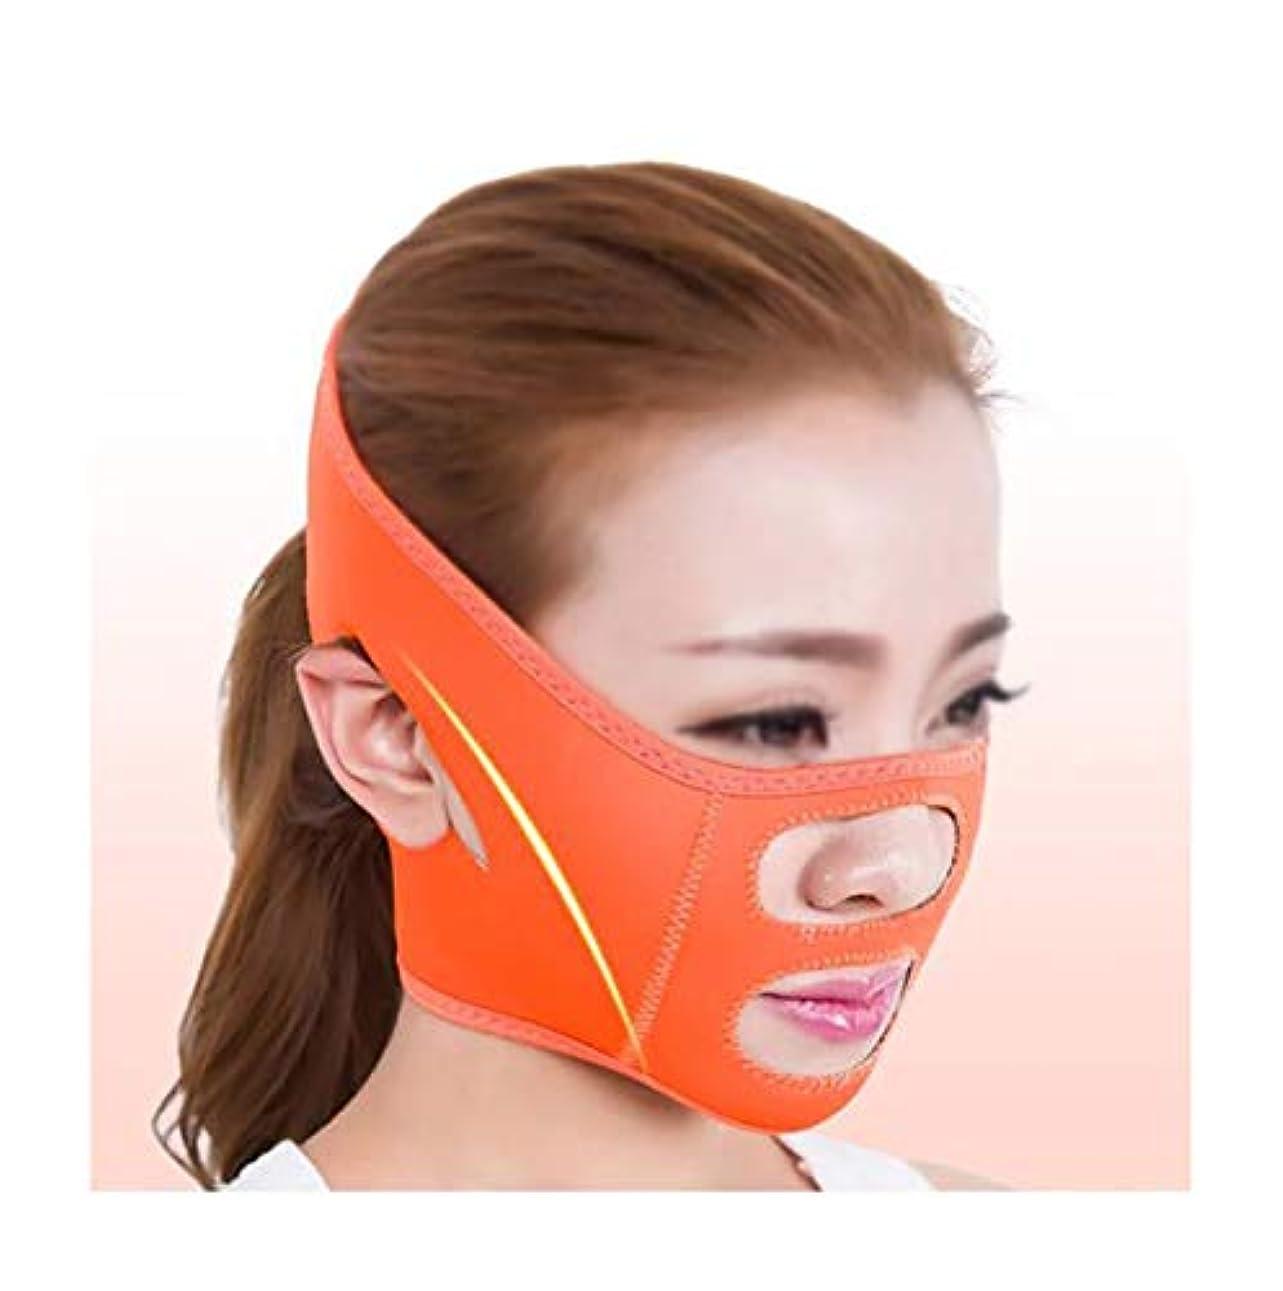 輸血連合彼らXHLMRMJ 引き締めフェイスマスク、術後リフティングマスクホーム包帯揺れネットワーク赤女性vフェイスステッカーストラップ楽器フェイスアーティファクト (Color : Orange)